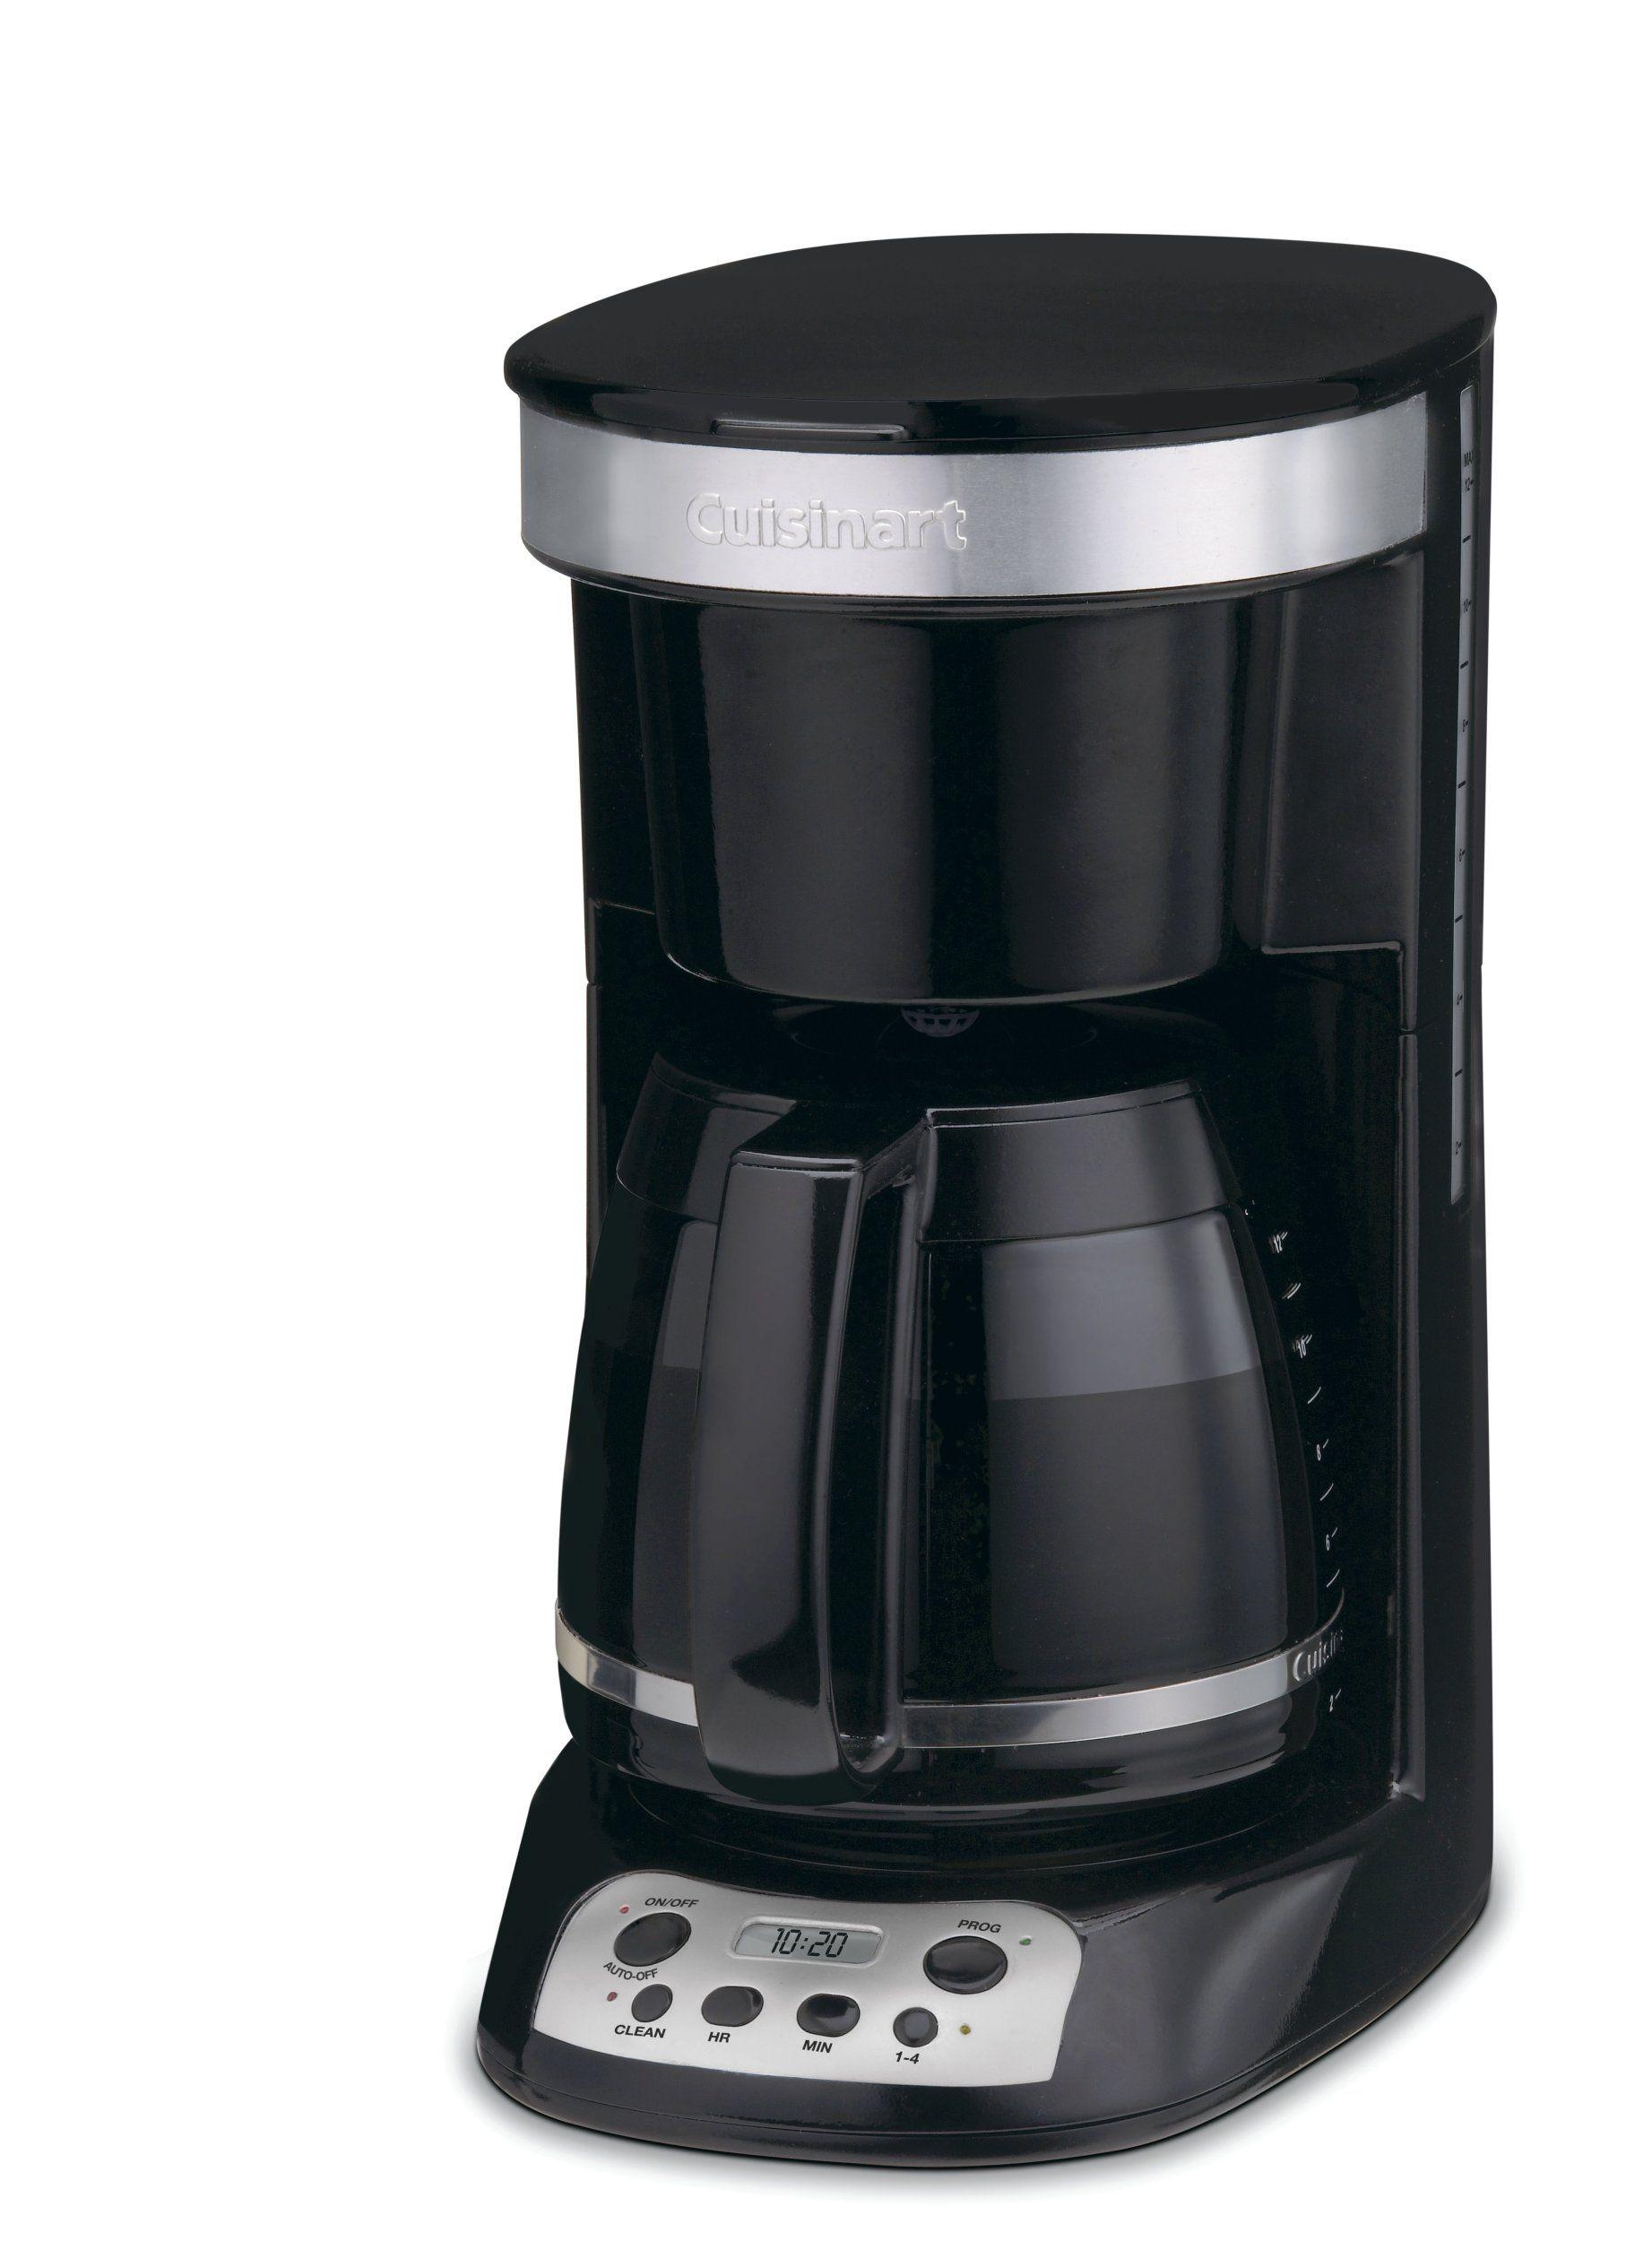 Cuisinart DCC750BK Flavor Brew 12Cup Coffeemaker Black